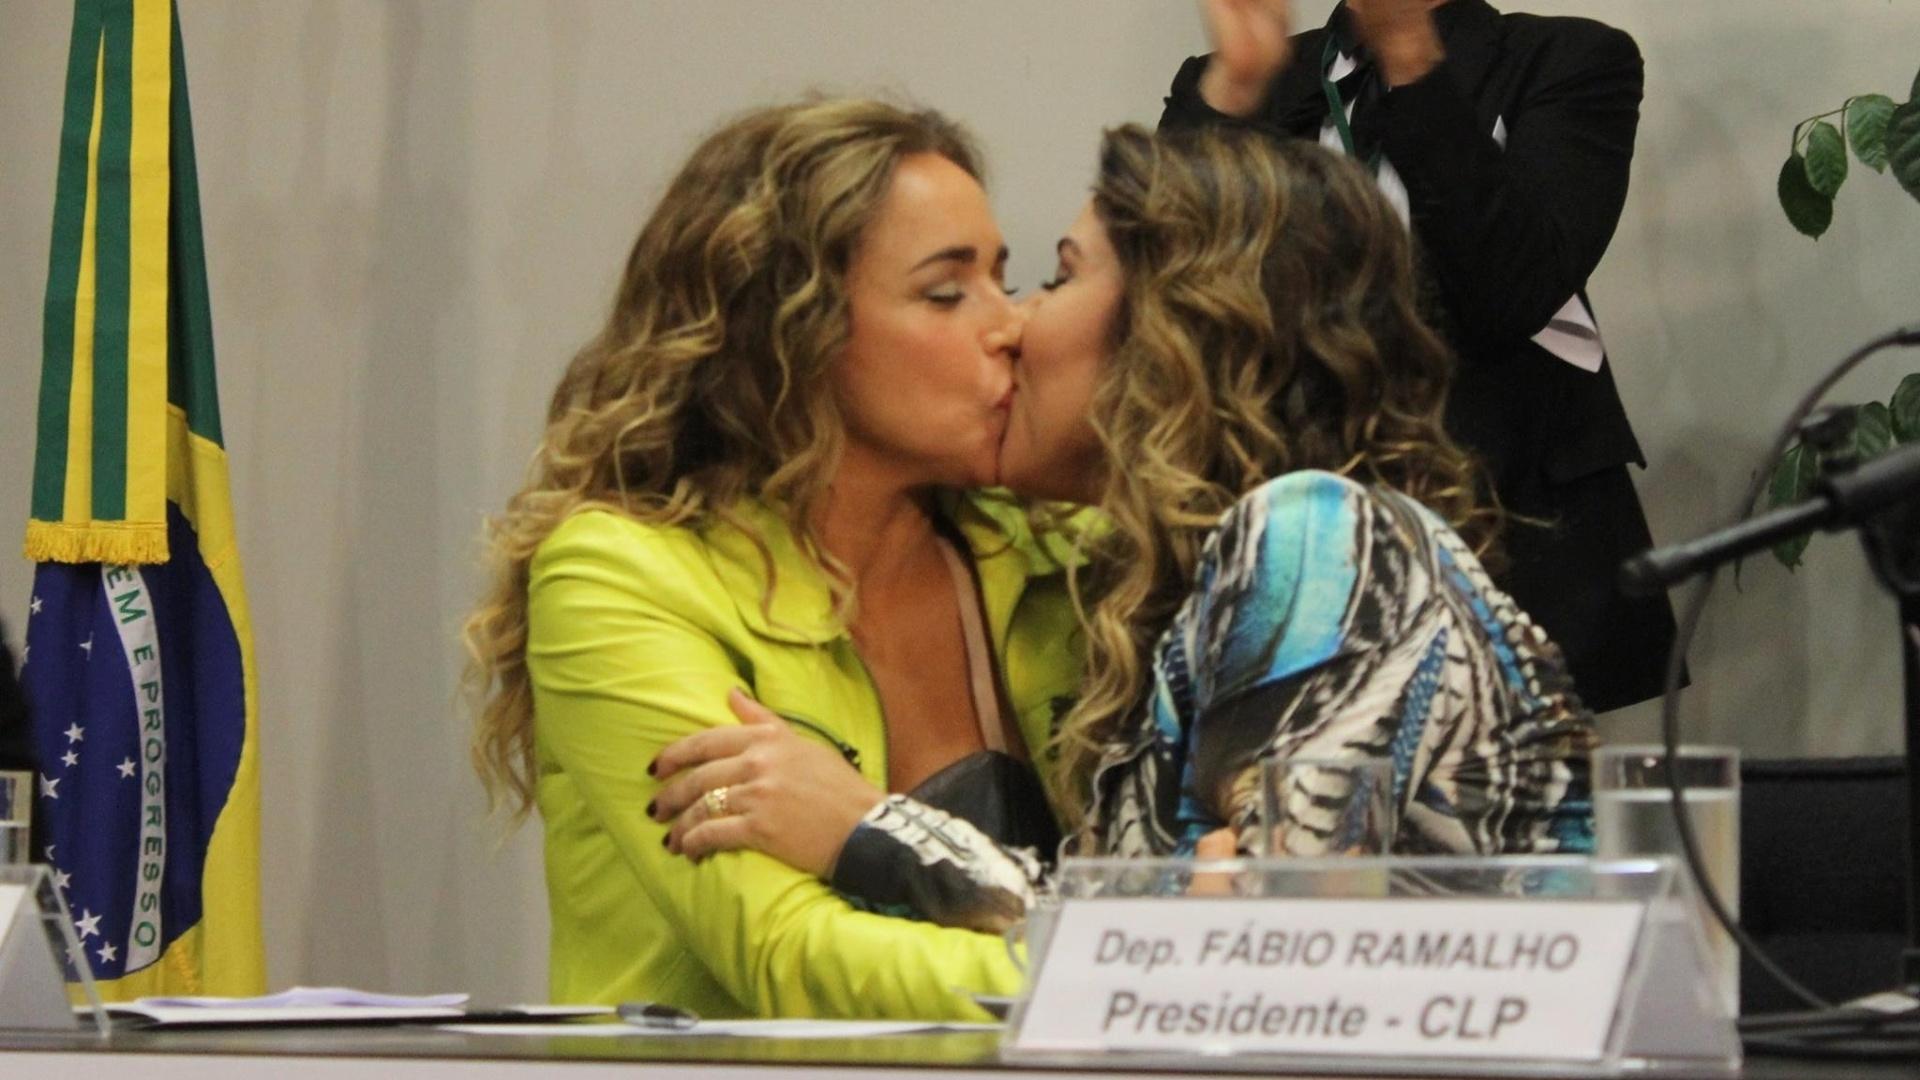 20.mai.2015 - A cantora Daniela Mercury e a sua mulher, a jornalista Malu Verçosa, se beijam durante o 12º Seminário LGBT da Câmara dos Deputados, em Brasília. O evento foi organizado por deputados ligados à temática dos direitos humanos, como Jean Wyllys (PSOL-RJ) e Erika Kokay (PT-DF), e teria enfrentado resistência por parte do atual presidente da Casa, Eduardo Cunha (PMDB-RJ)